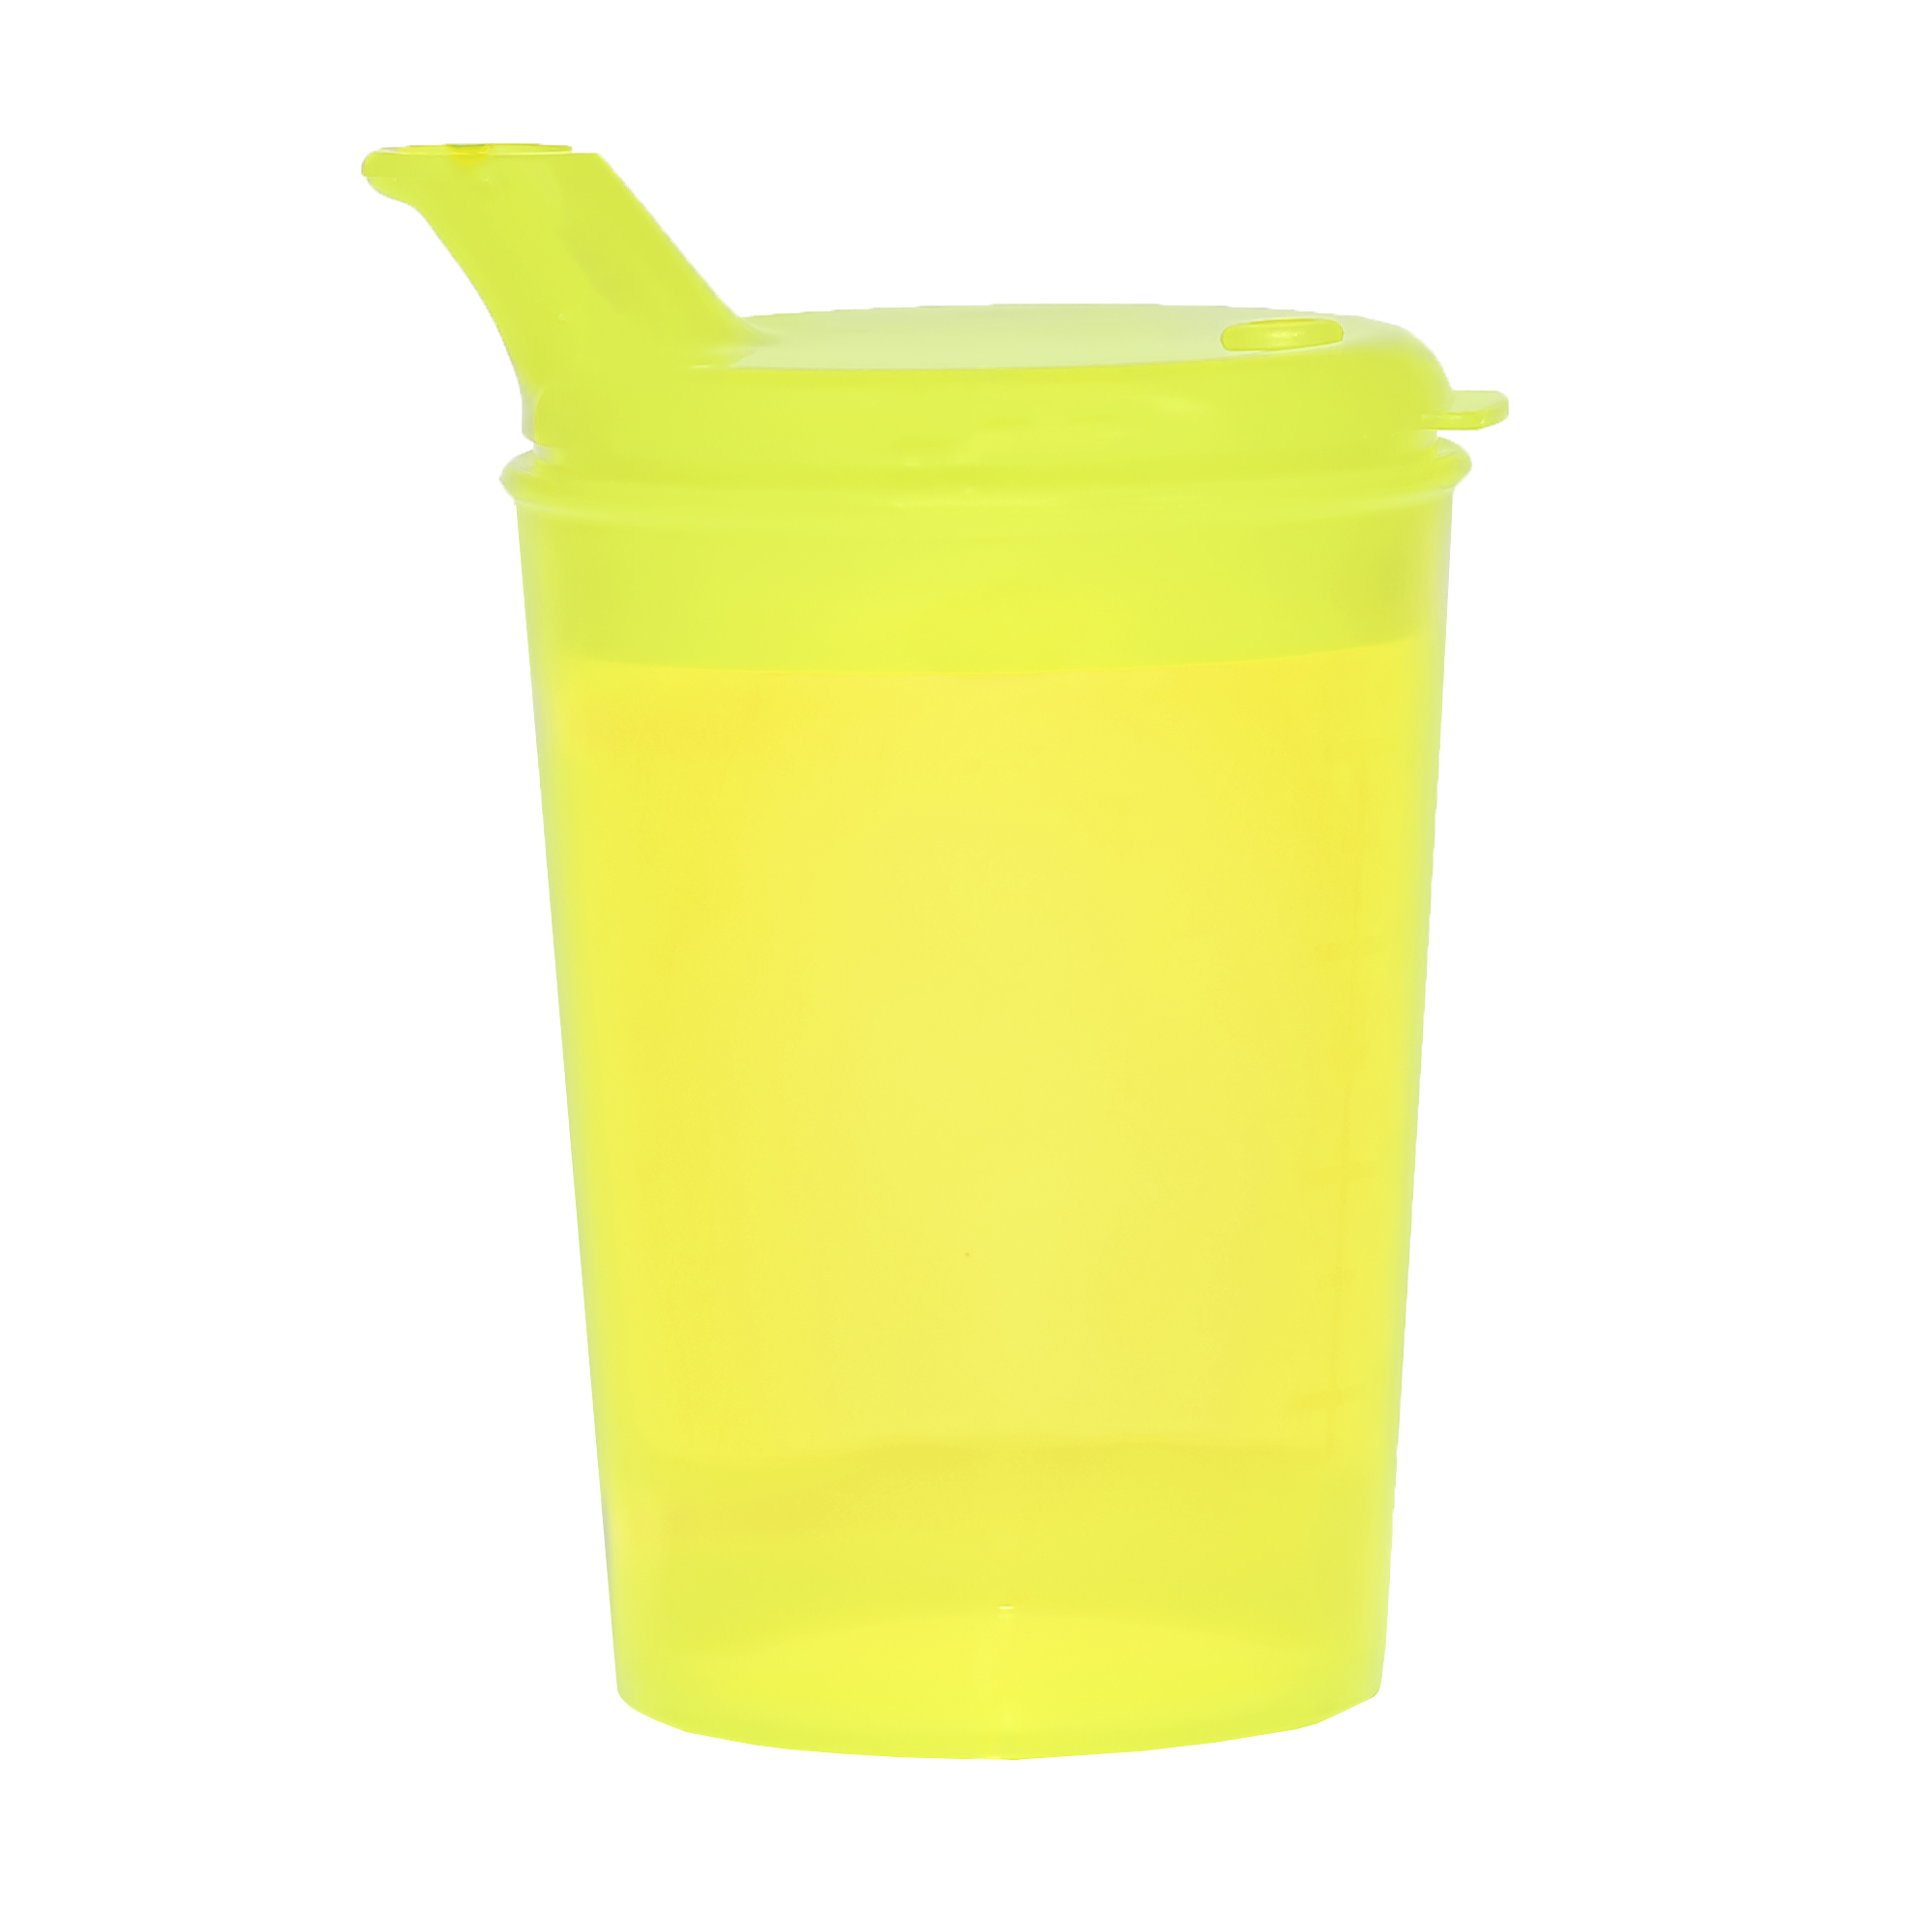 schnabelbecher gelb